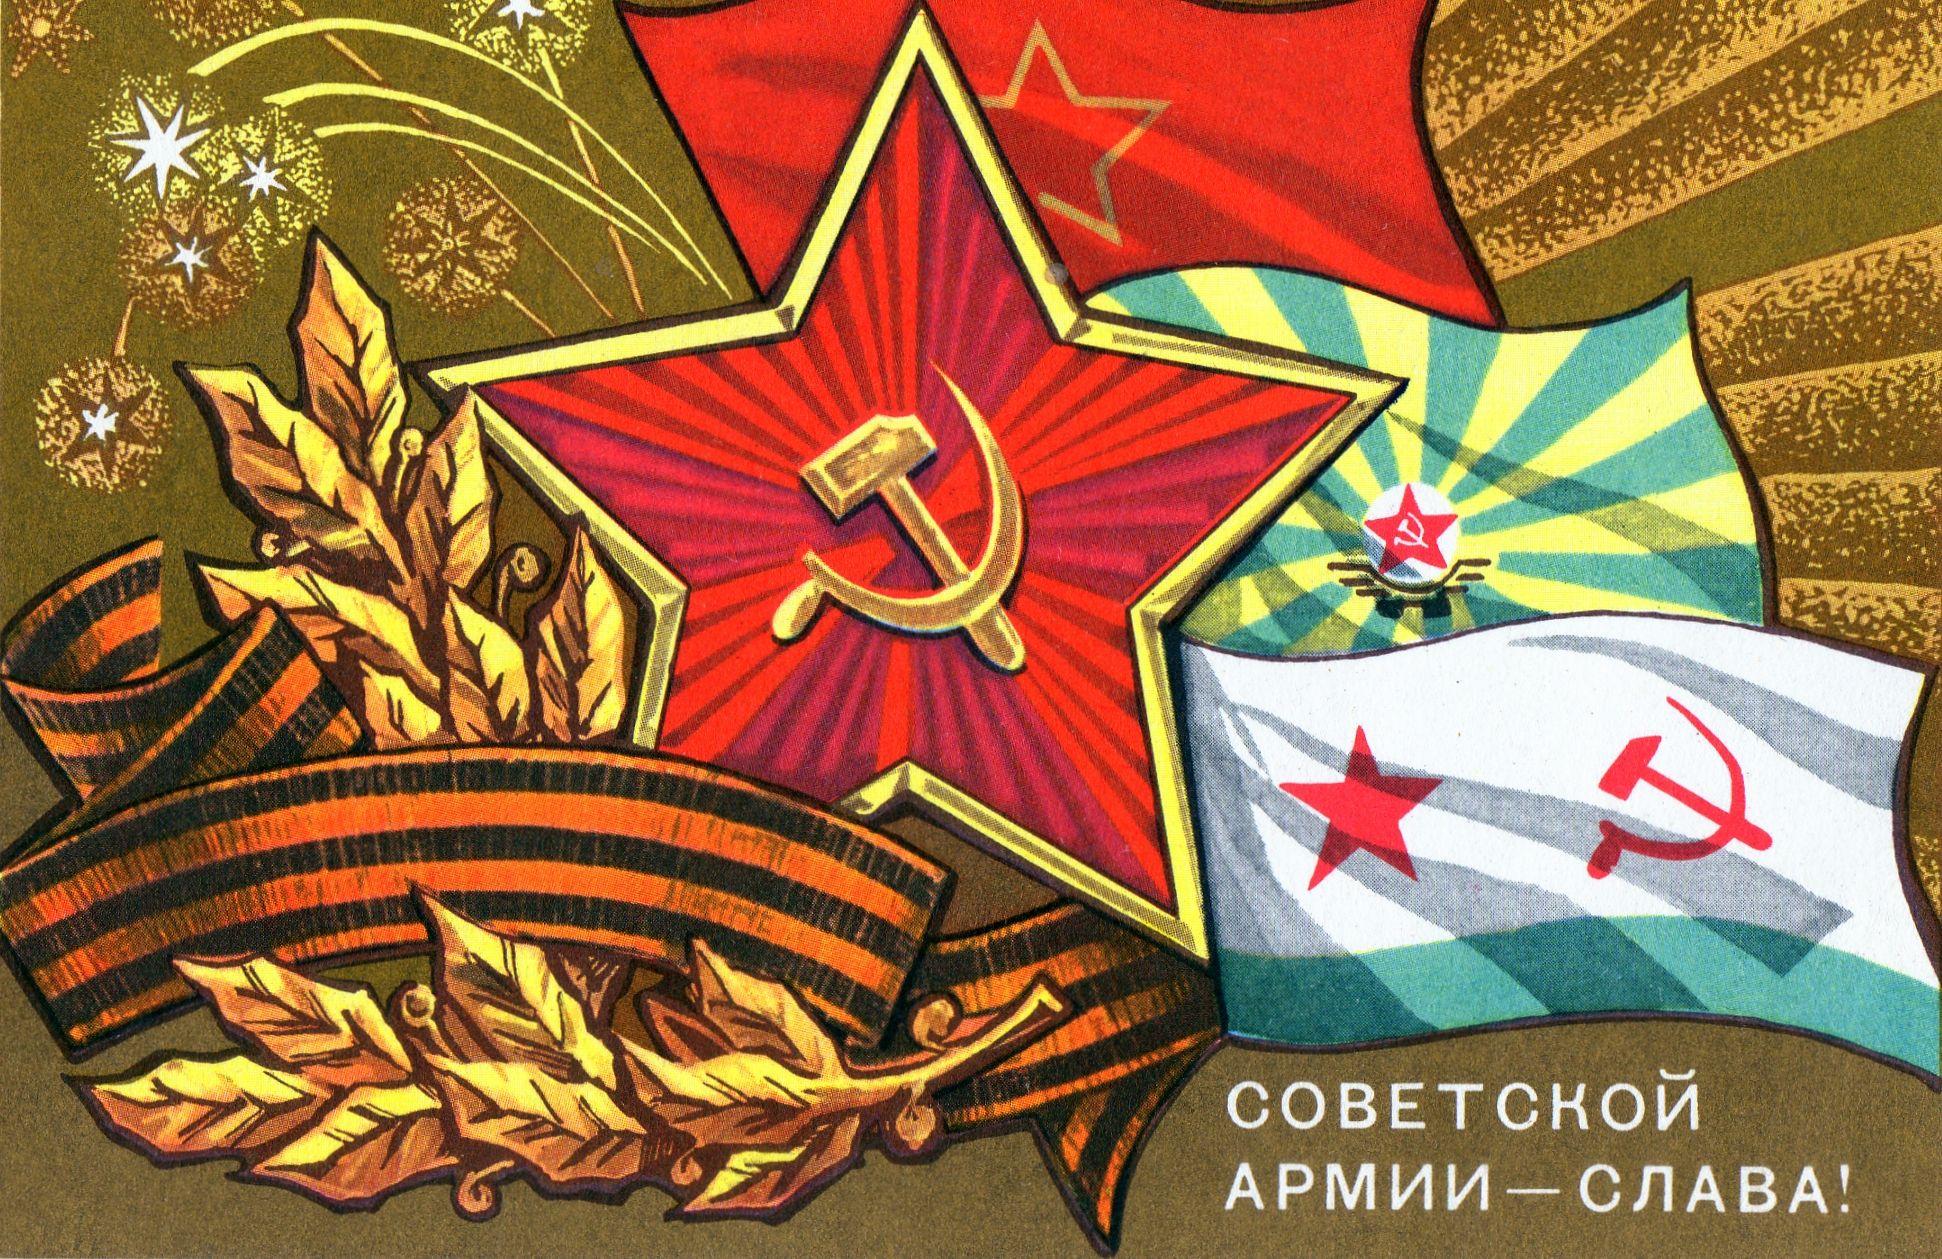 главный с 23 февраля картинки открытки советских времен участие, как профессионалы